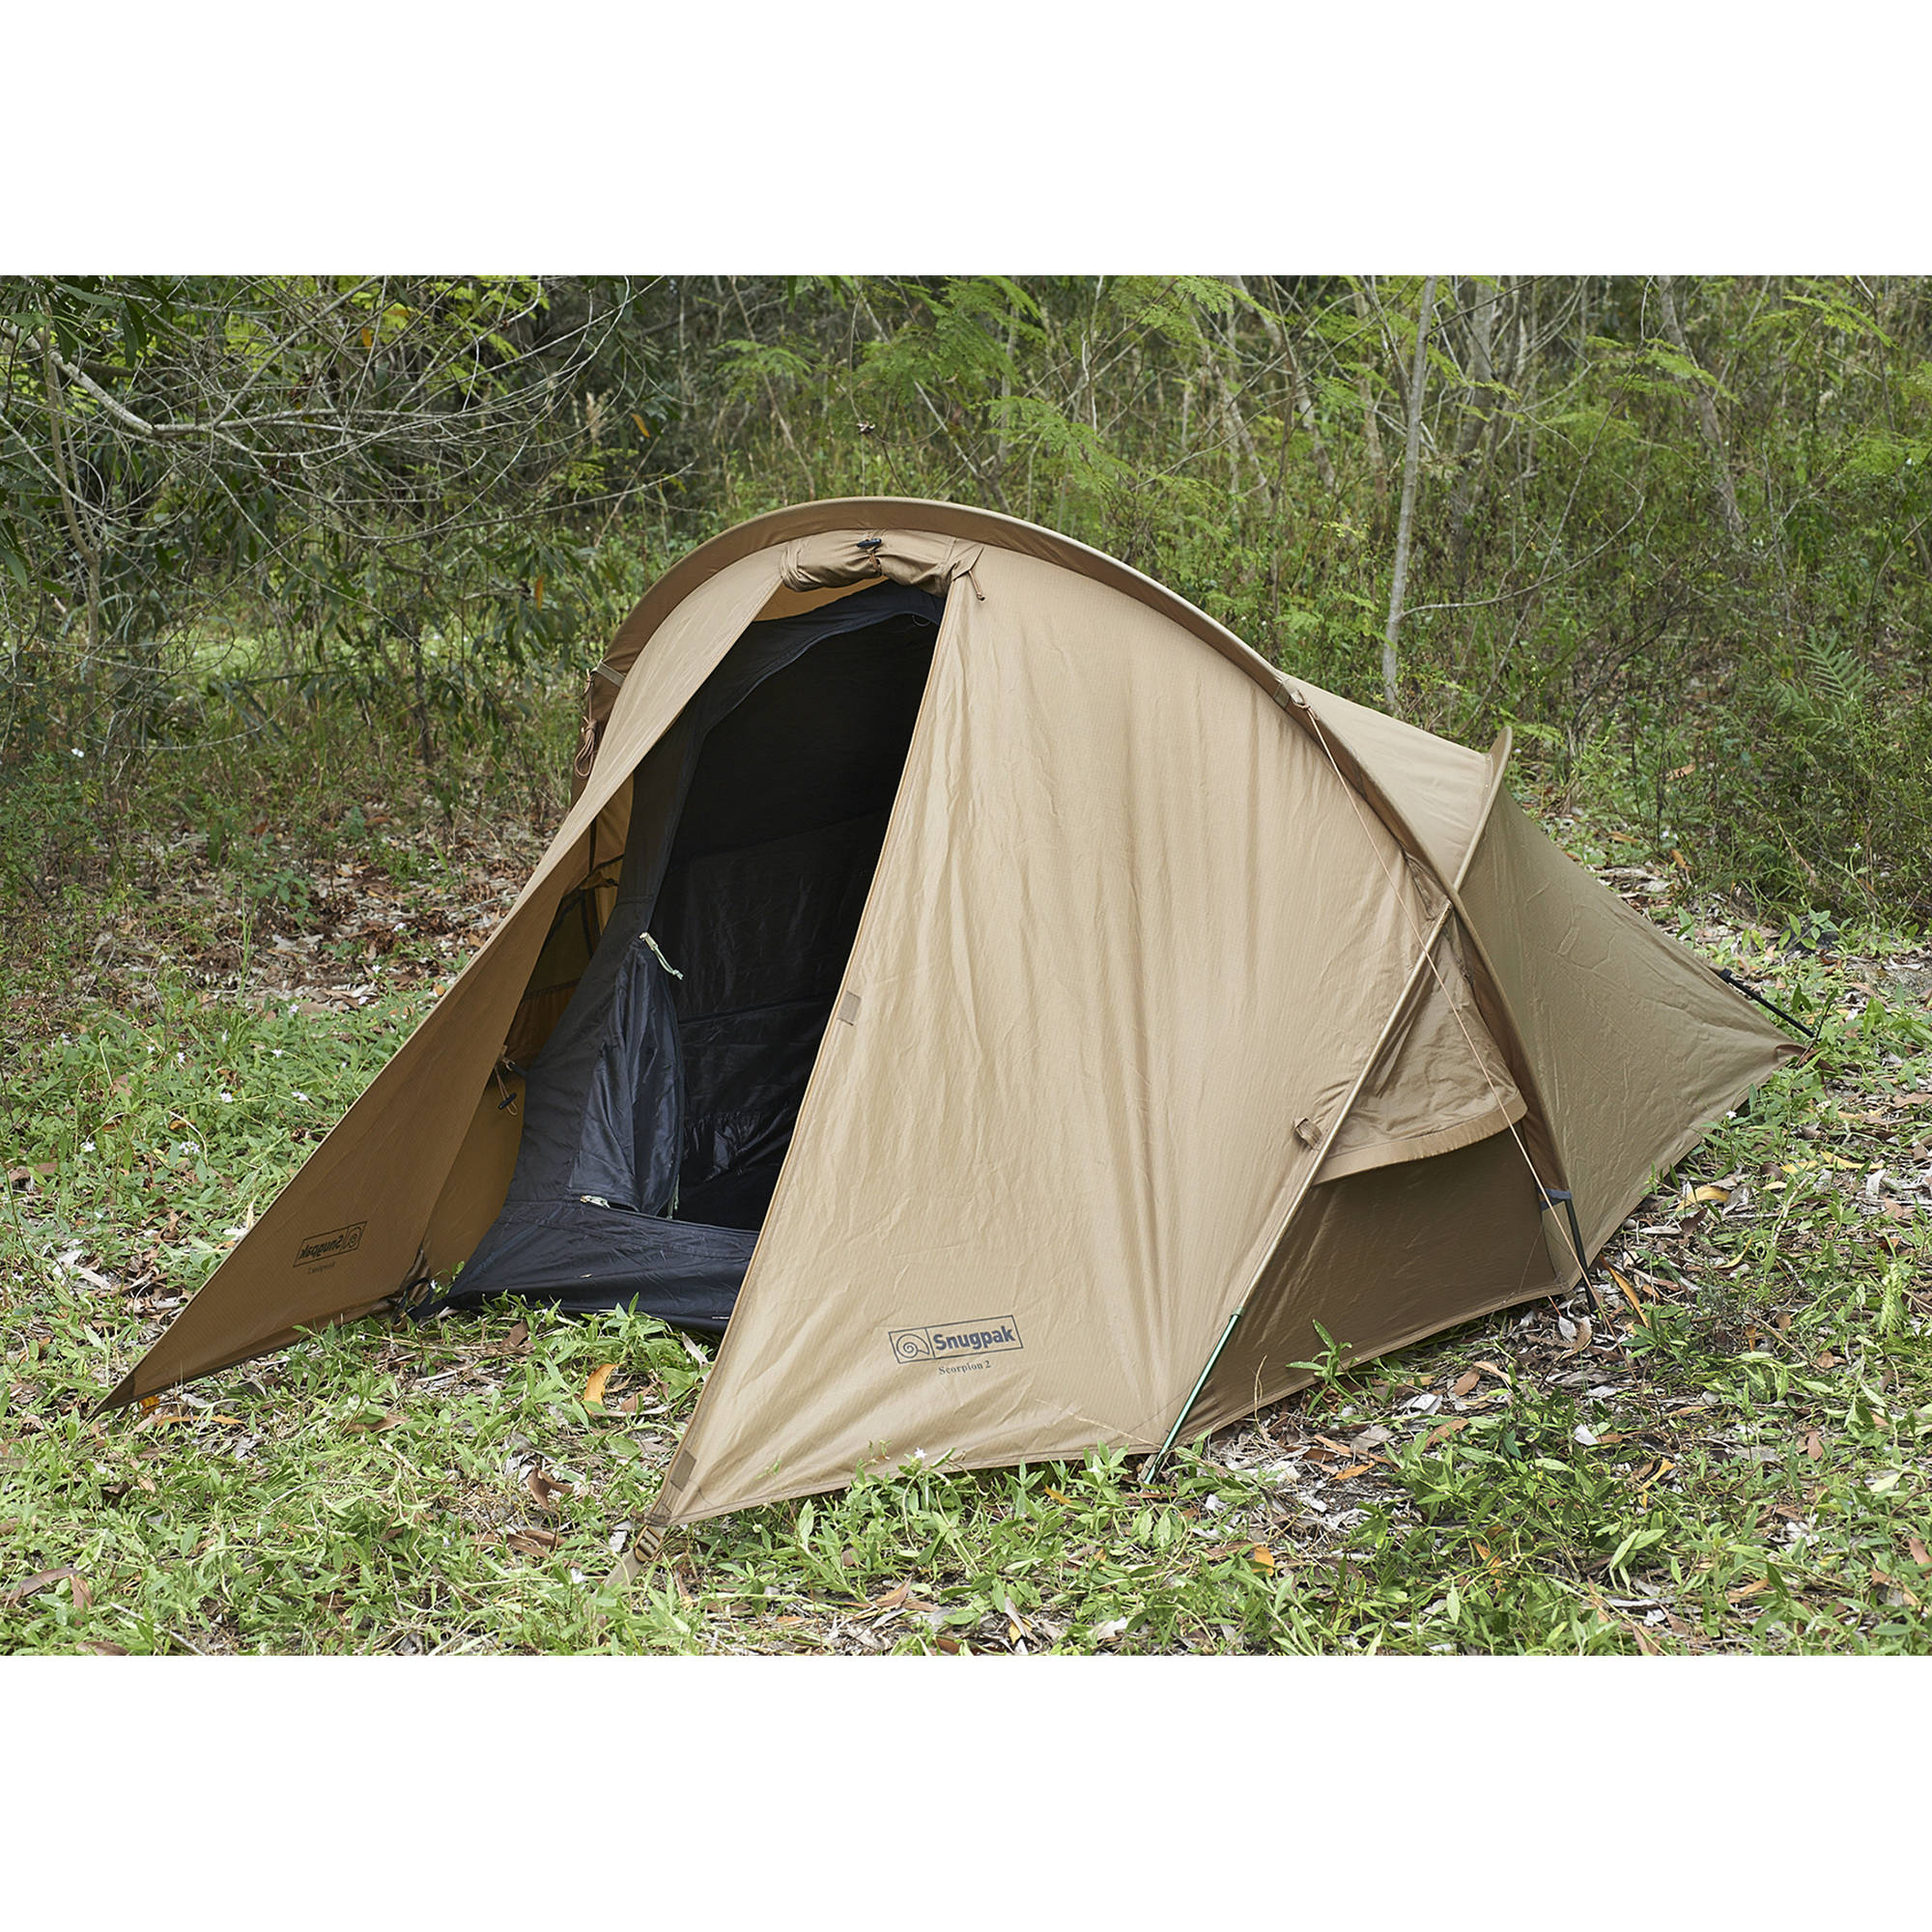 Snugpak Scorpion 2-Person Tent (Coyote)  sc 1 st  Bu0026H & Snugpak Scorpion 2-Person Tent (Coyote) 92875 Bu0026H Photo Video